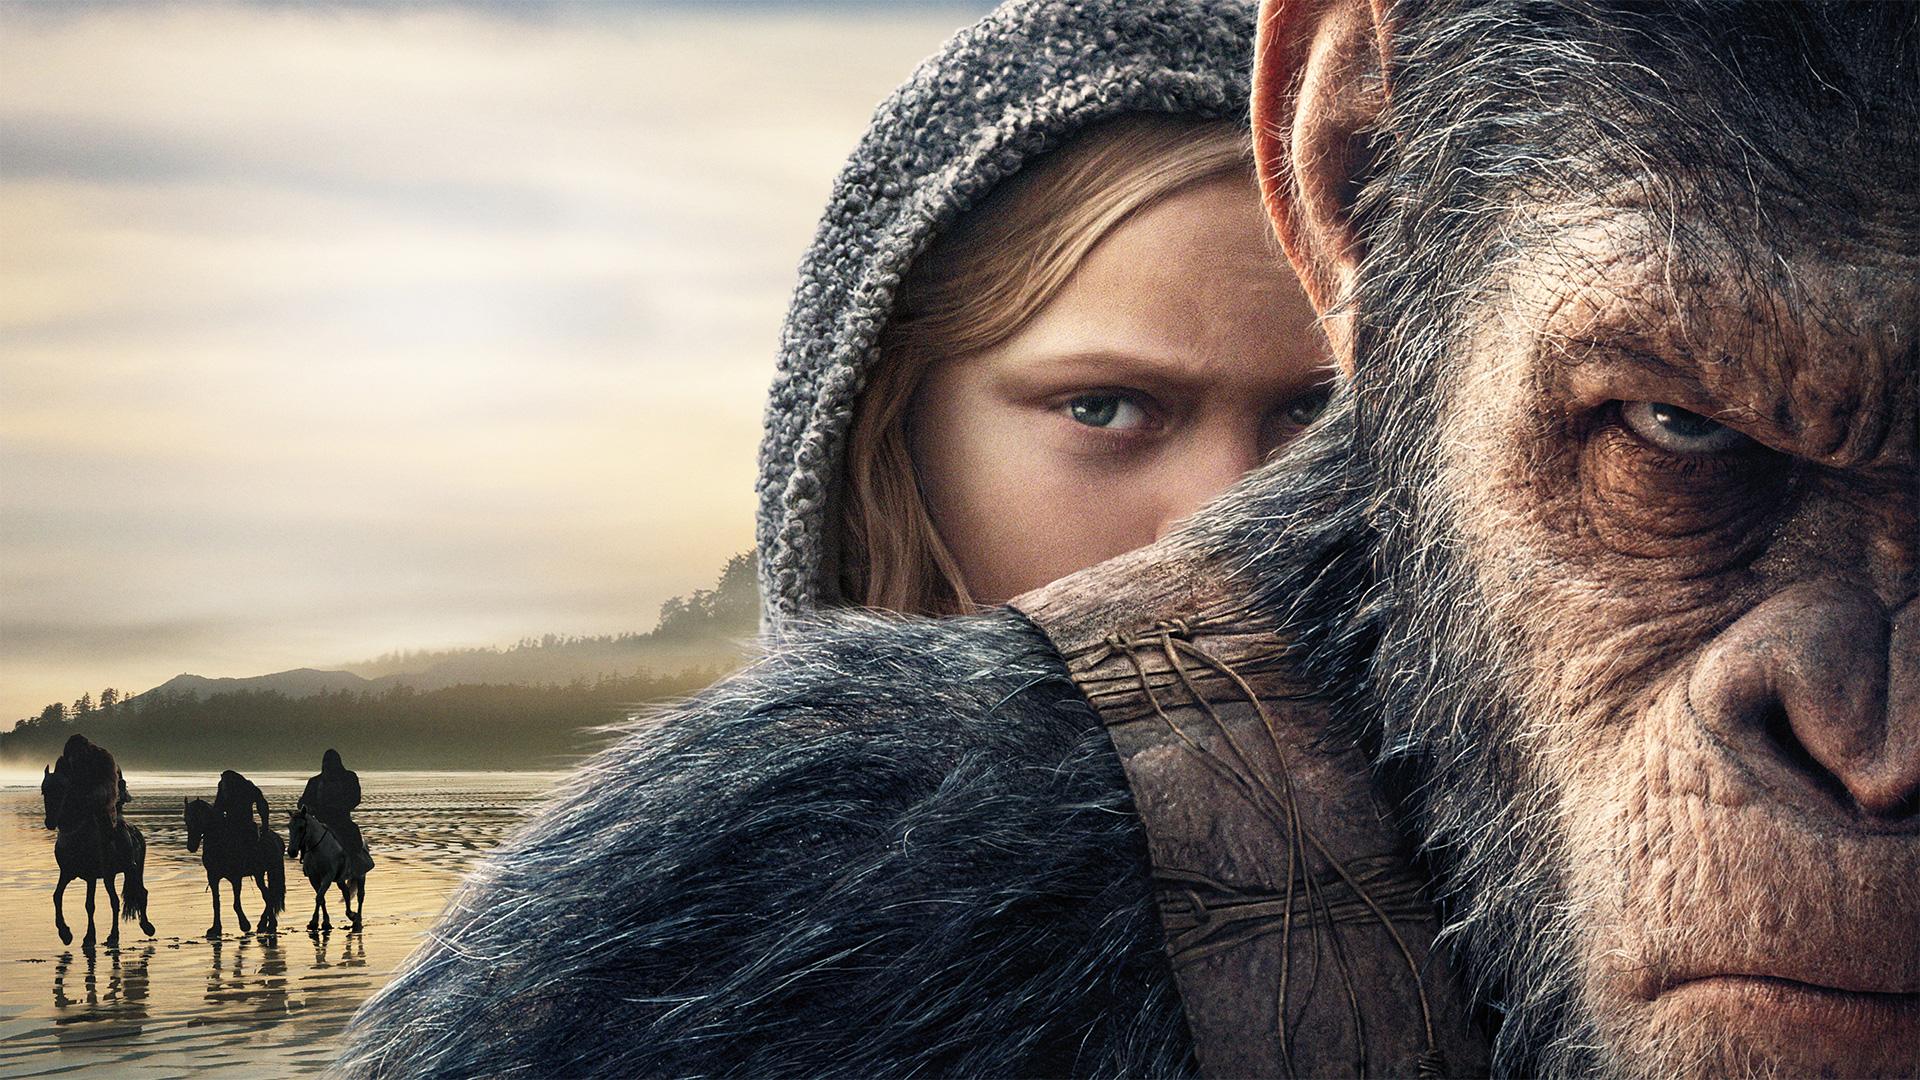 Novo filme de Planeta dos Macacos pelo diretor de Maze Runner